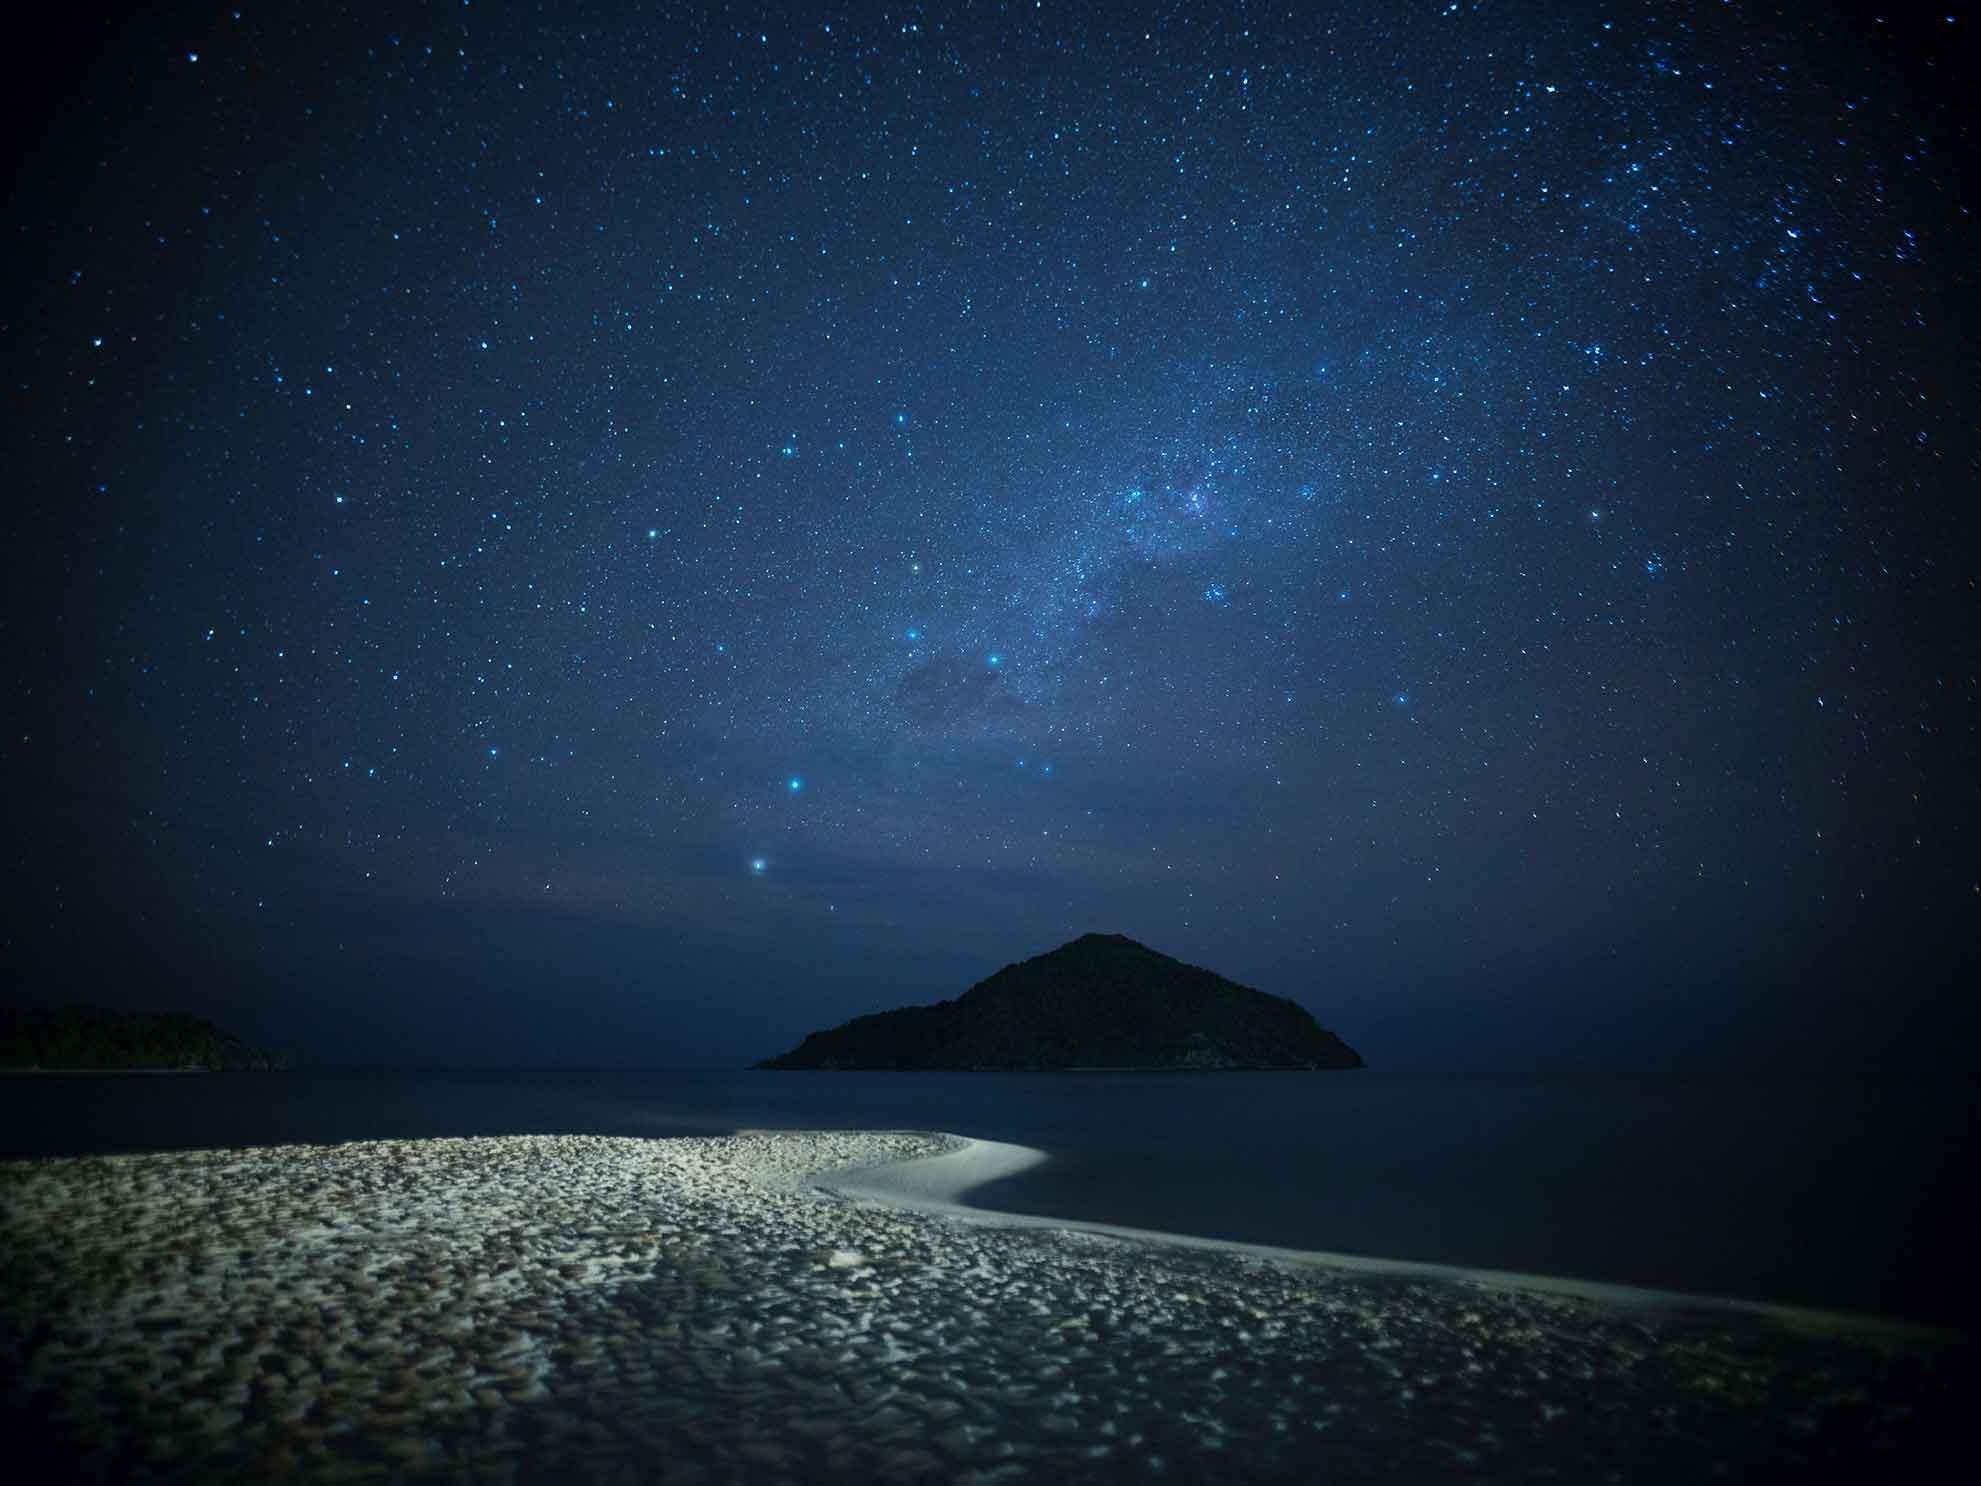 Bawah-reserve-stars